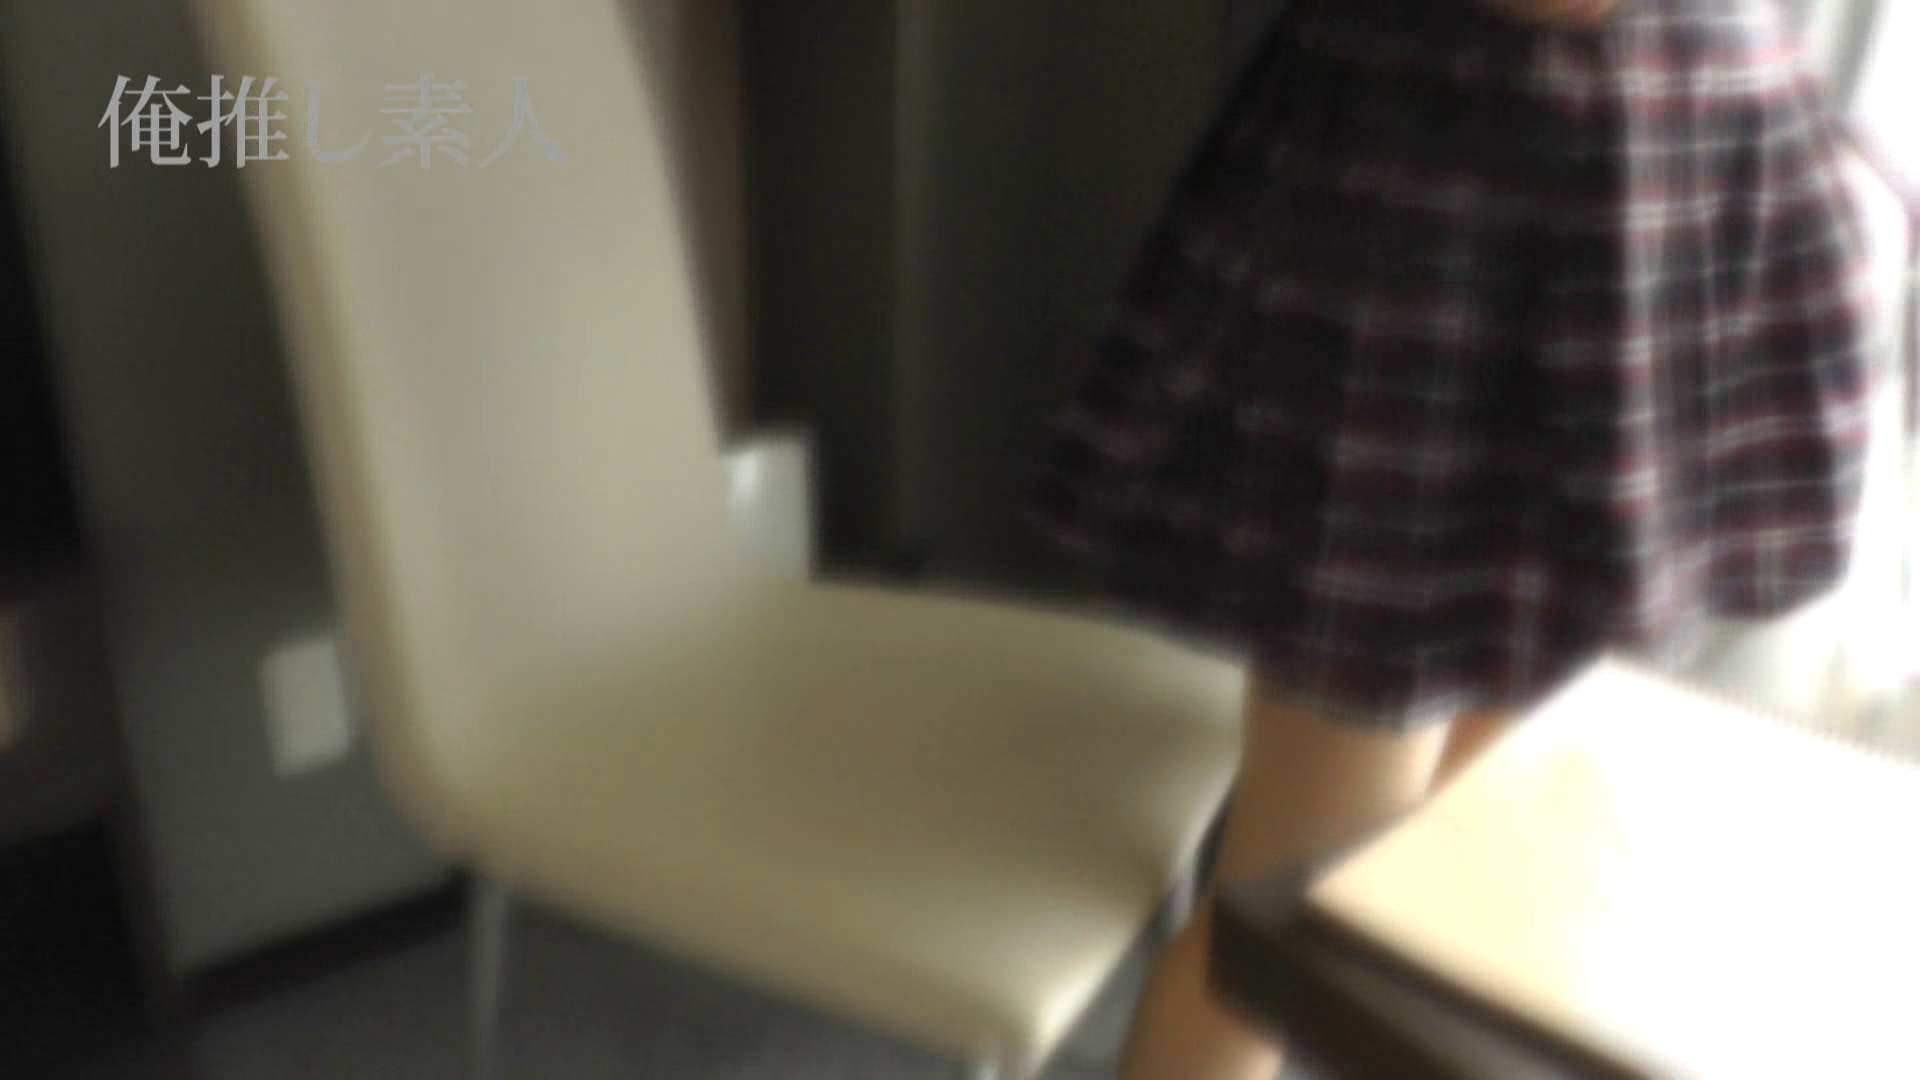 俺推し素人 キャバクラ嬢26歳久美vol6 フェラチオシーン すけべAV動画紹介 100pic 19